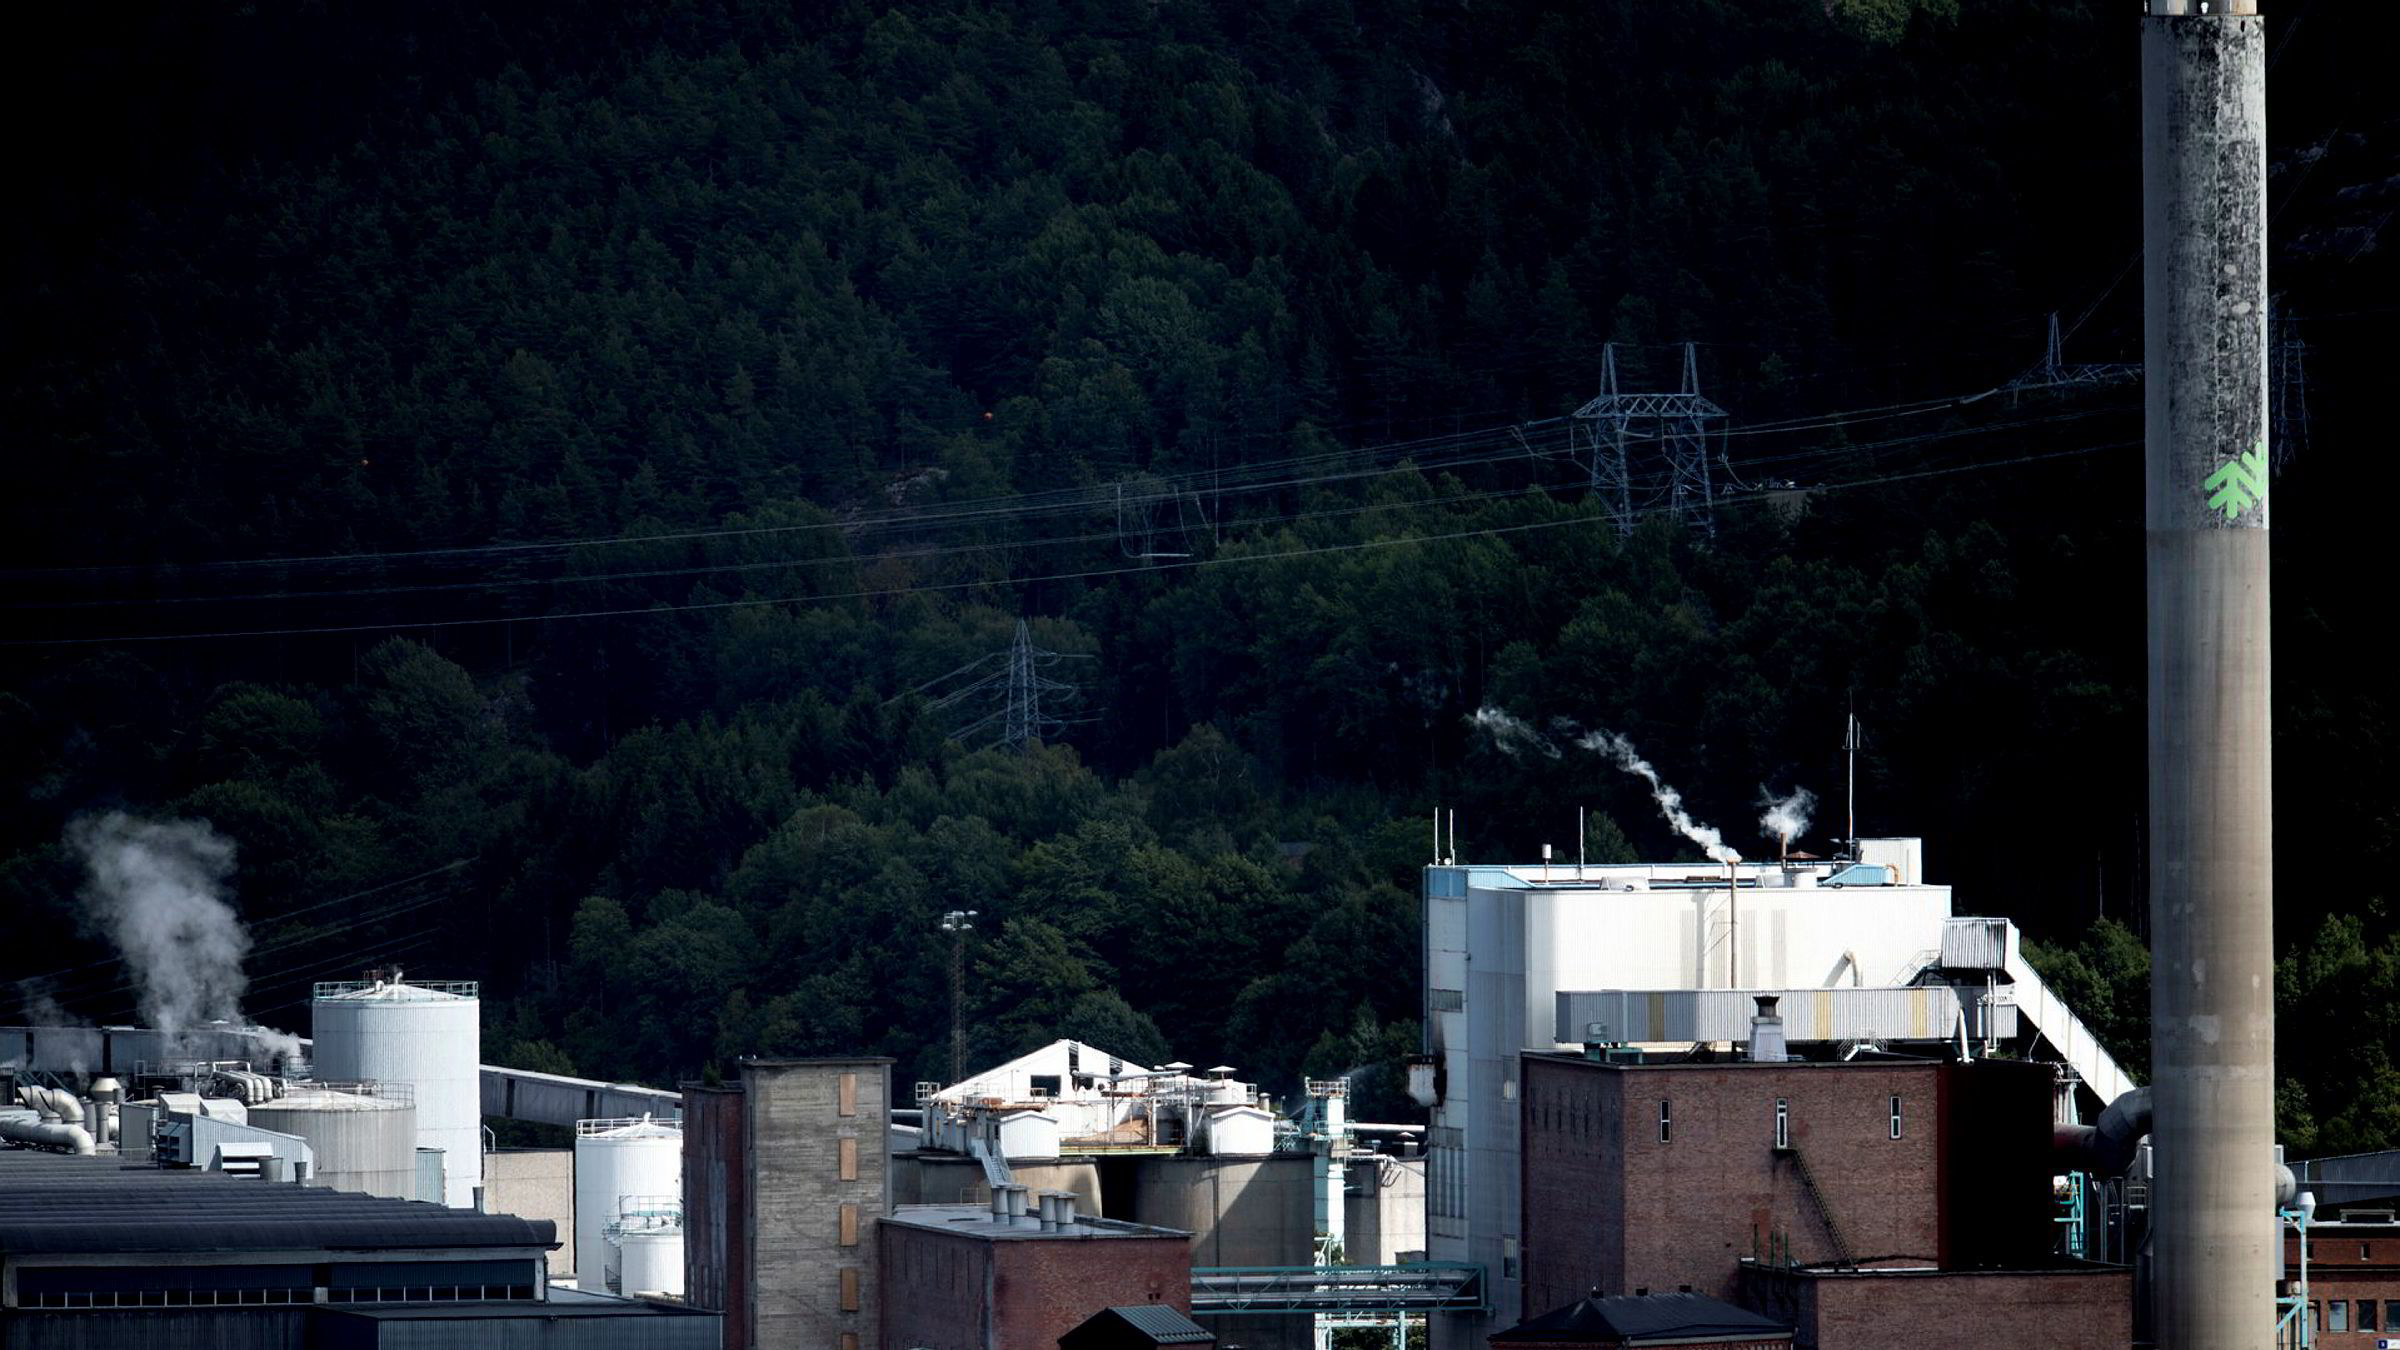 De to norske bedriftene, på Skogn og i Halden, hadde i fjor en samlet omsetning på over fire milliarder kroner og mer enn 400 millioner kroner i driftsresultat (før avskrivninger), skriver artikkelforfatteren. Her fra Norske Skog Saugbrugs i Halden.